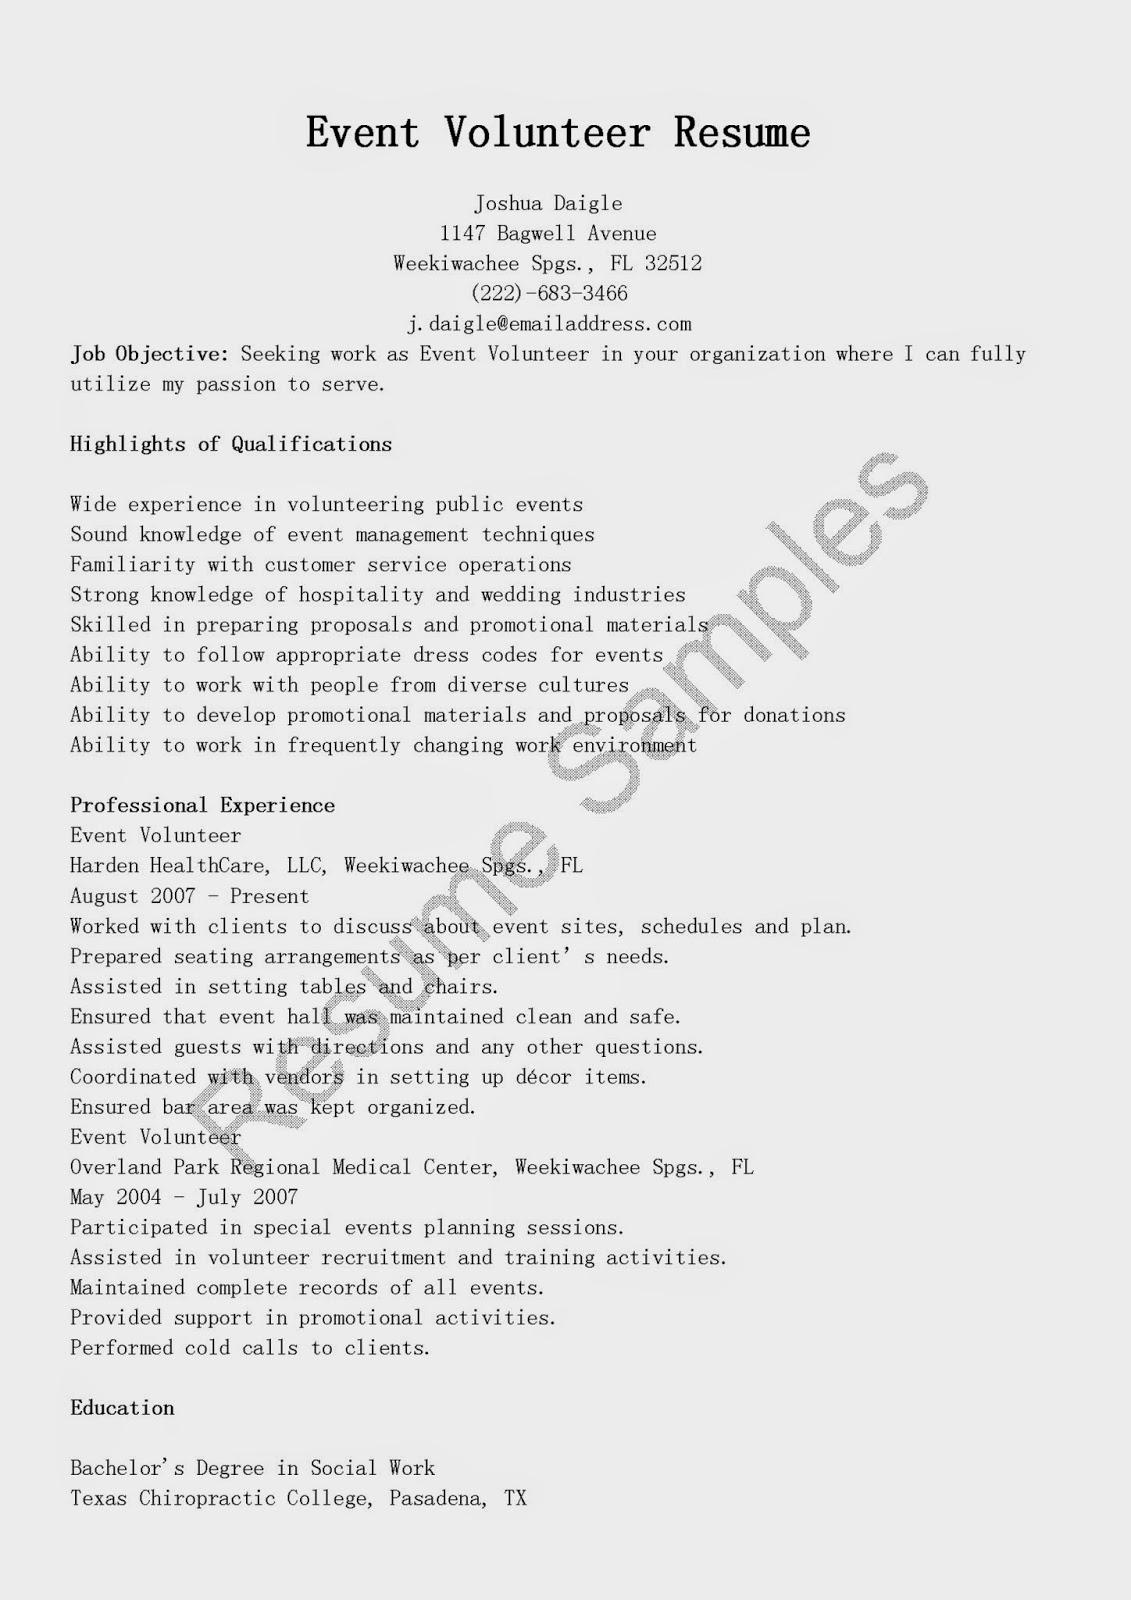 resume samples event volunteer resume sample